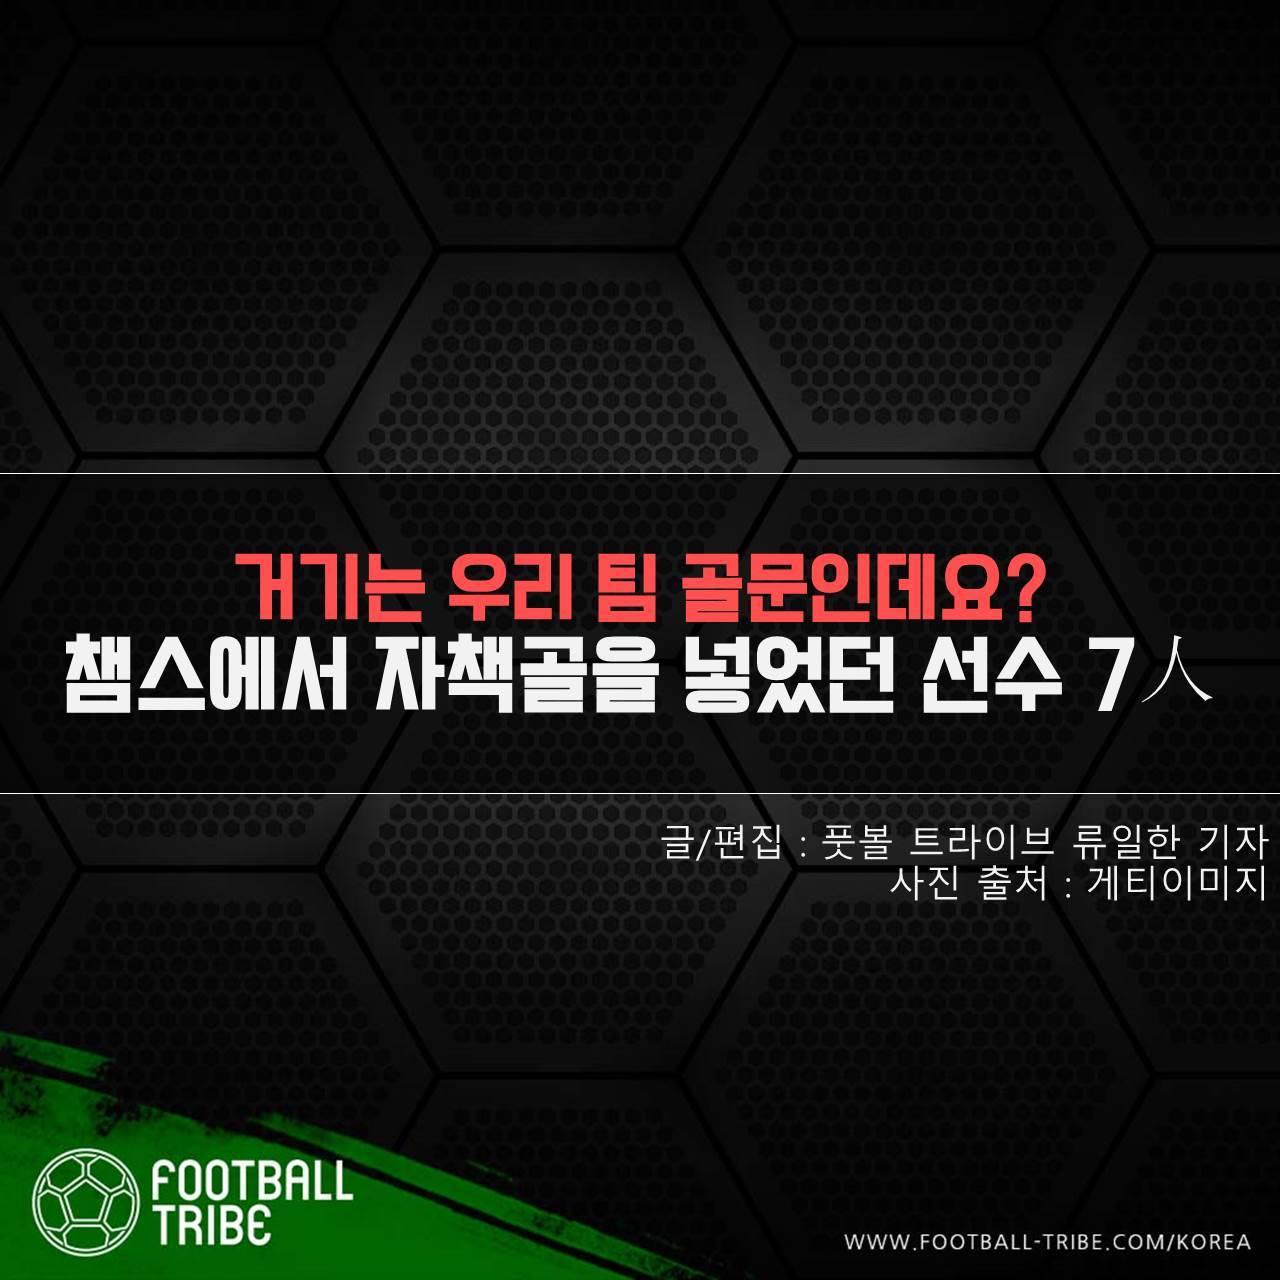 [카드 뉴스] '거기는 우리 팀 골문인데요?' 챔스에서 자책골을 넣었던 선수 7人